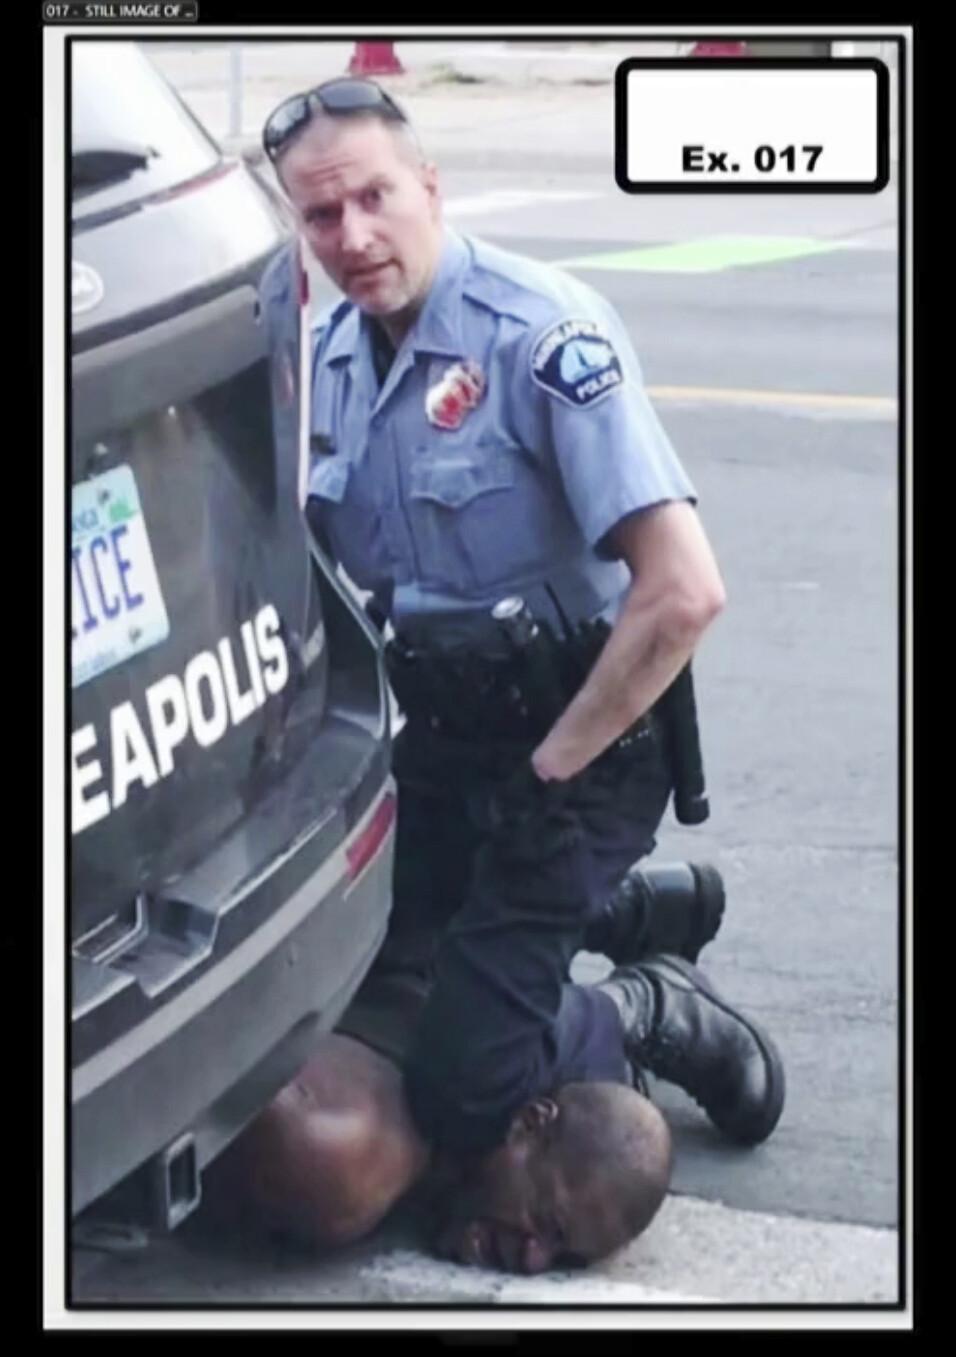 2020년 5월25일, 미국 미네소타주 미니애폴리스의 한 편의점에서 백인 경찰관 데릭 쇼빈이 흑인 남성 조지 플로이드에게 수갑을 채운 뒤 무릎으로 목을 짓누르고 있다. 주변의 한 시민이 10분 가까이 촬영한 동영상이 퍼지면서 미국뿐 아니라 세계가 큰 충격을 받았다. 로이터 연합뉴스